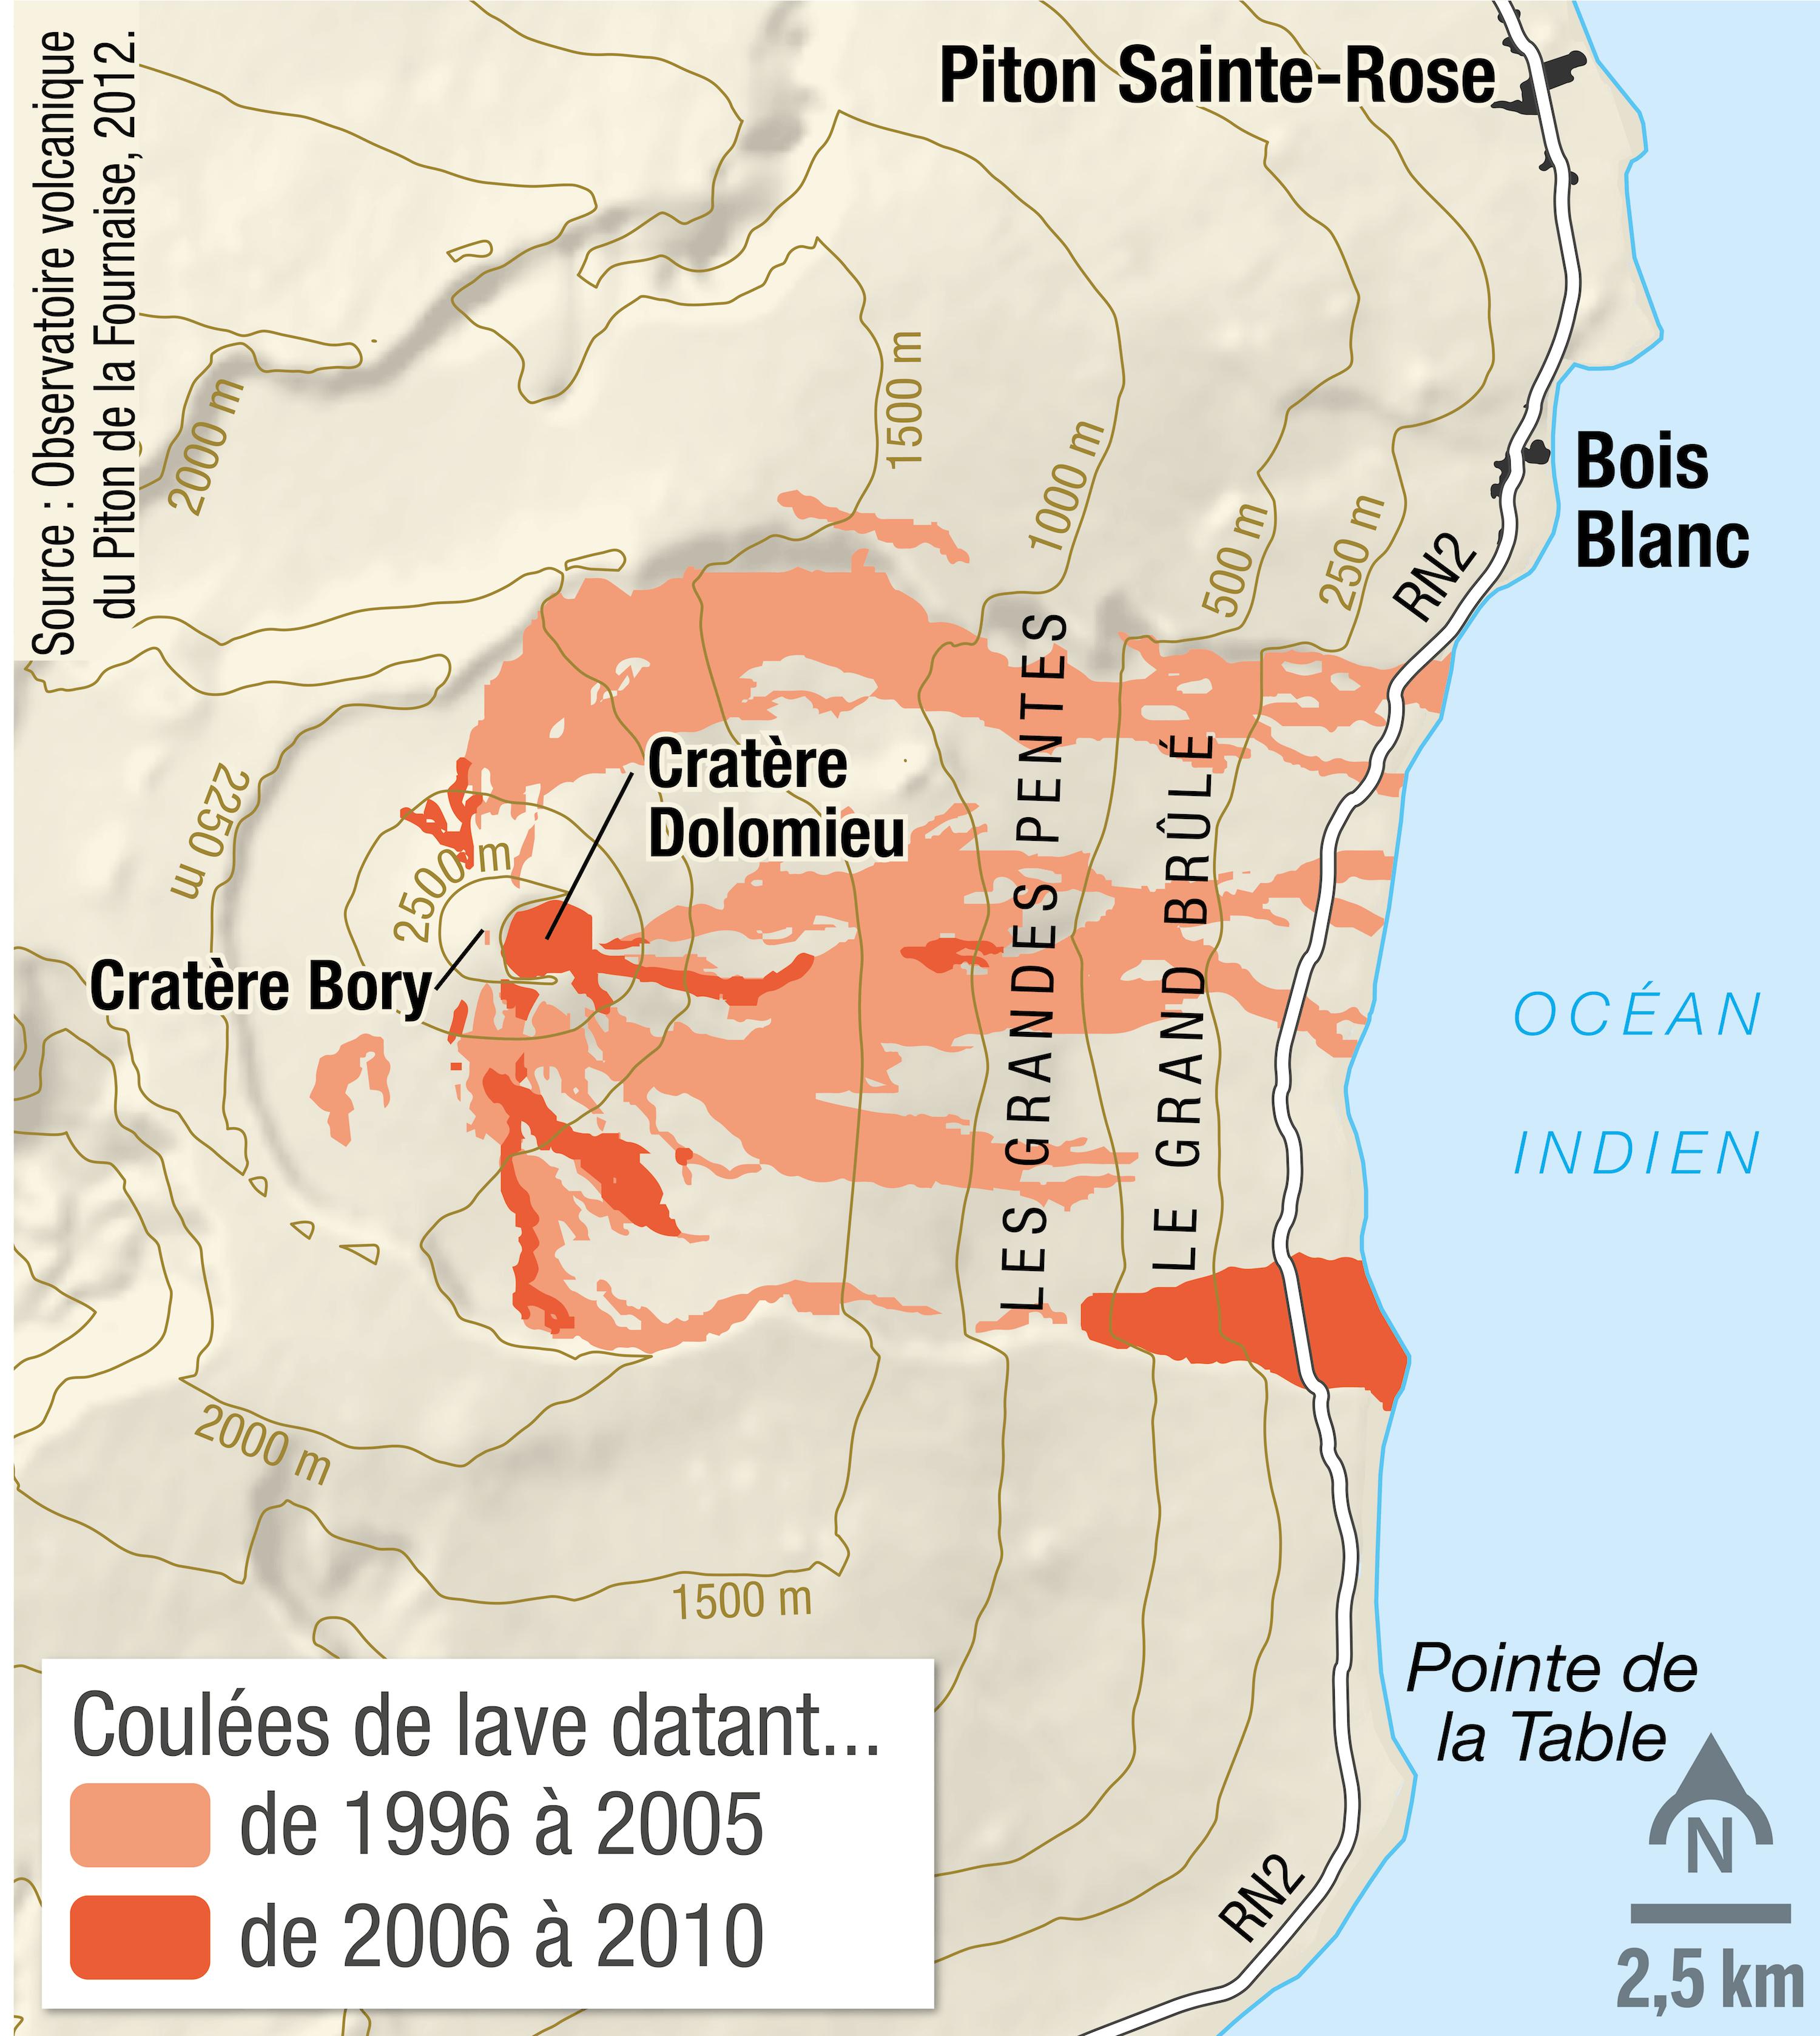 <stamp theme='svt-green1'>Doc. 2</stamp> La carte des coulées de lave du piton de la Fournaise, sur l'ile de La Réunion, entre 1996 et 2010.